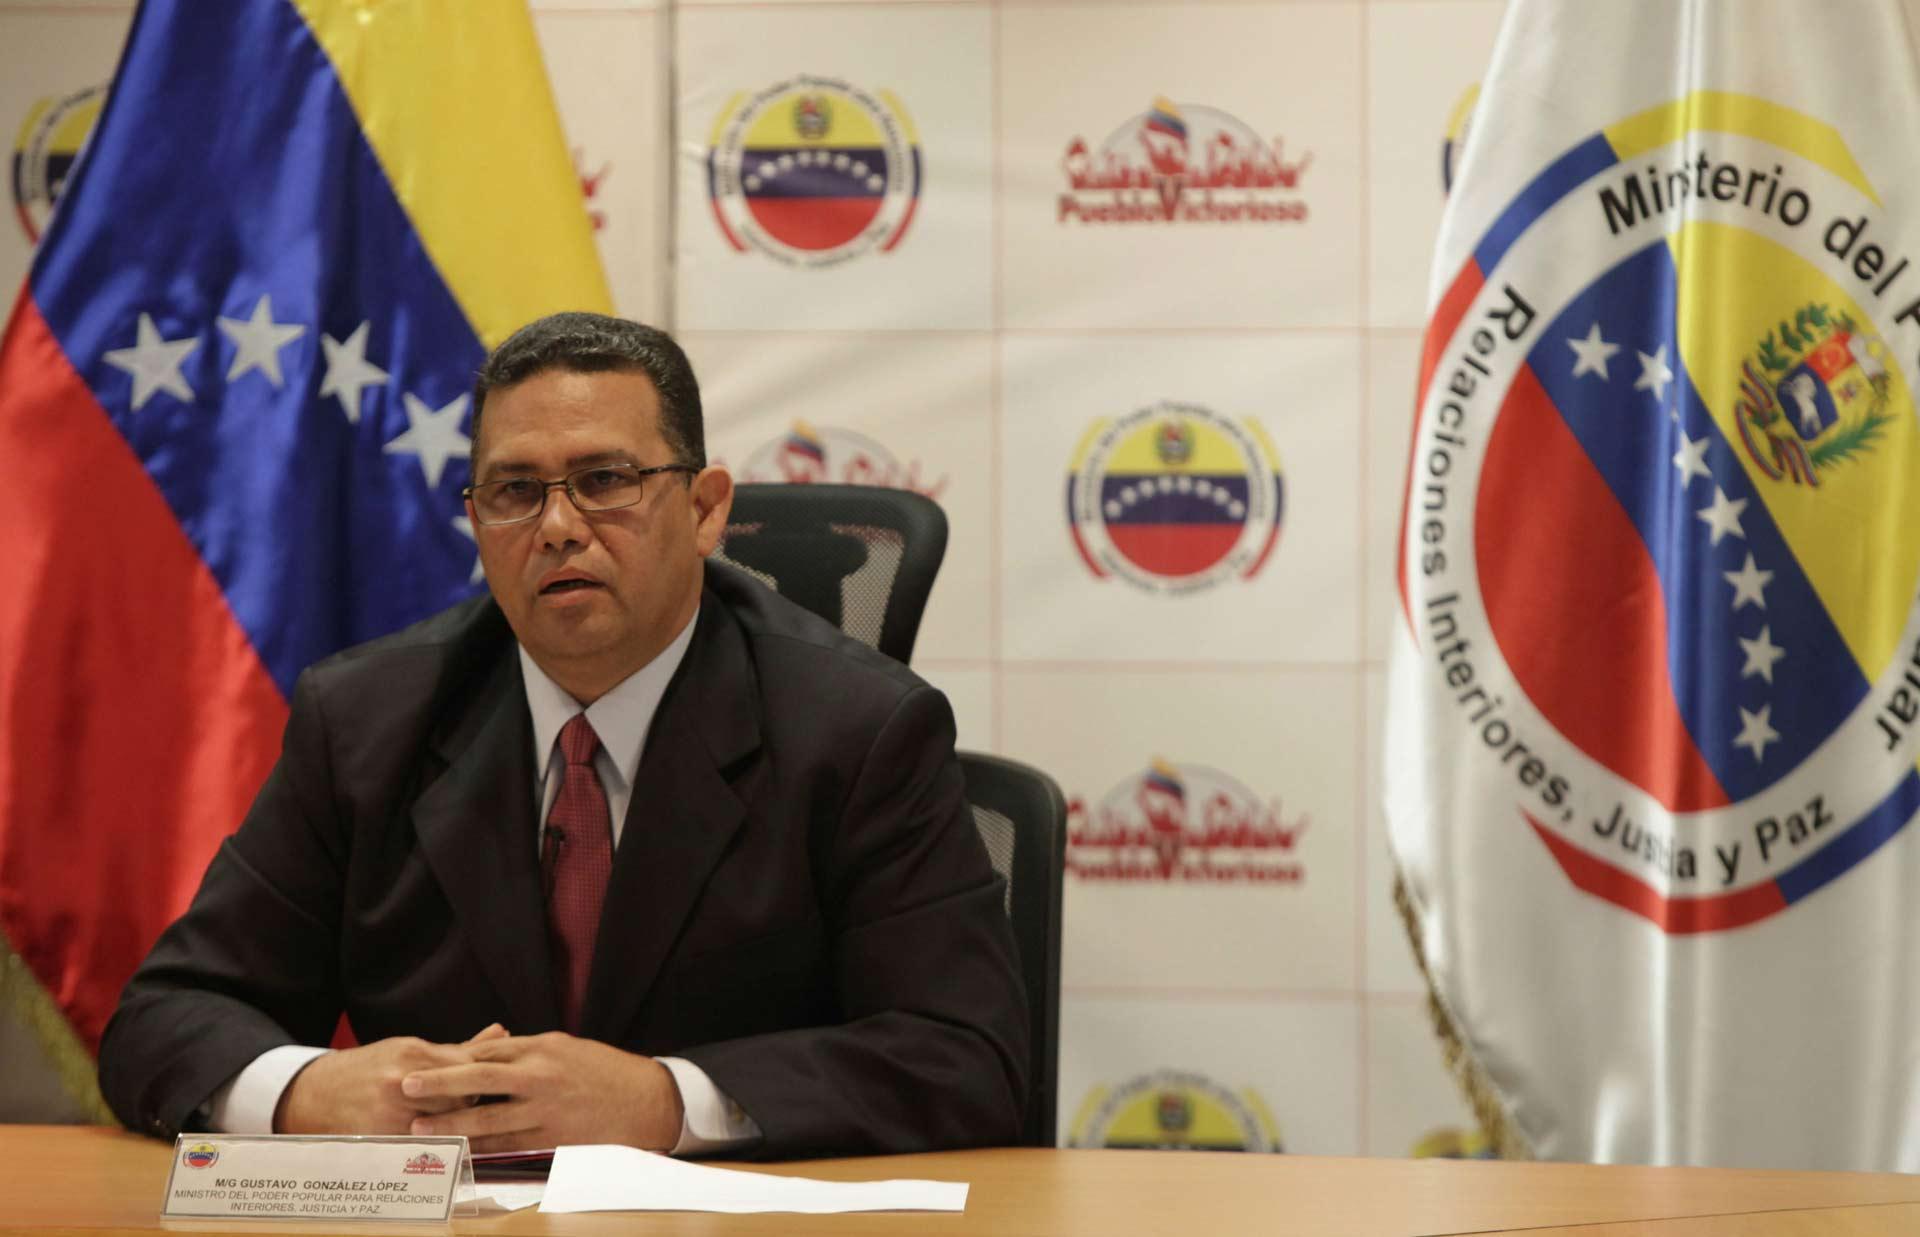 El grupo comandado por tres paramilitares utilizaban a Venezuela como puente para sus operaciones desde Colombia